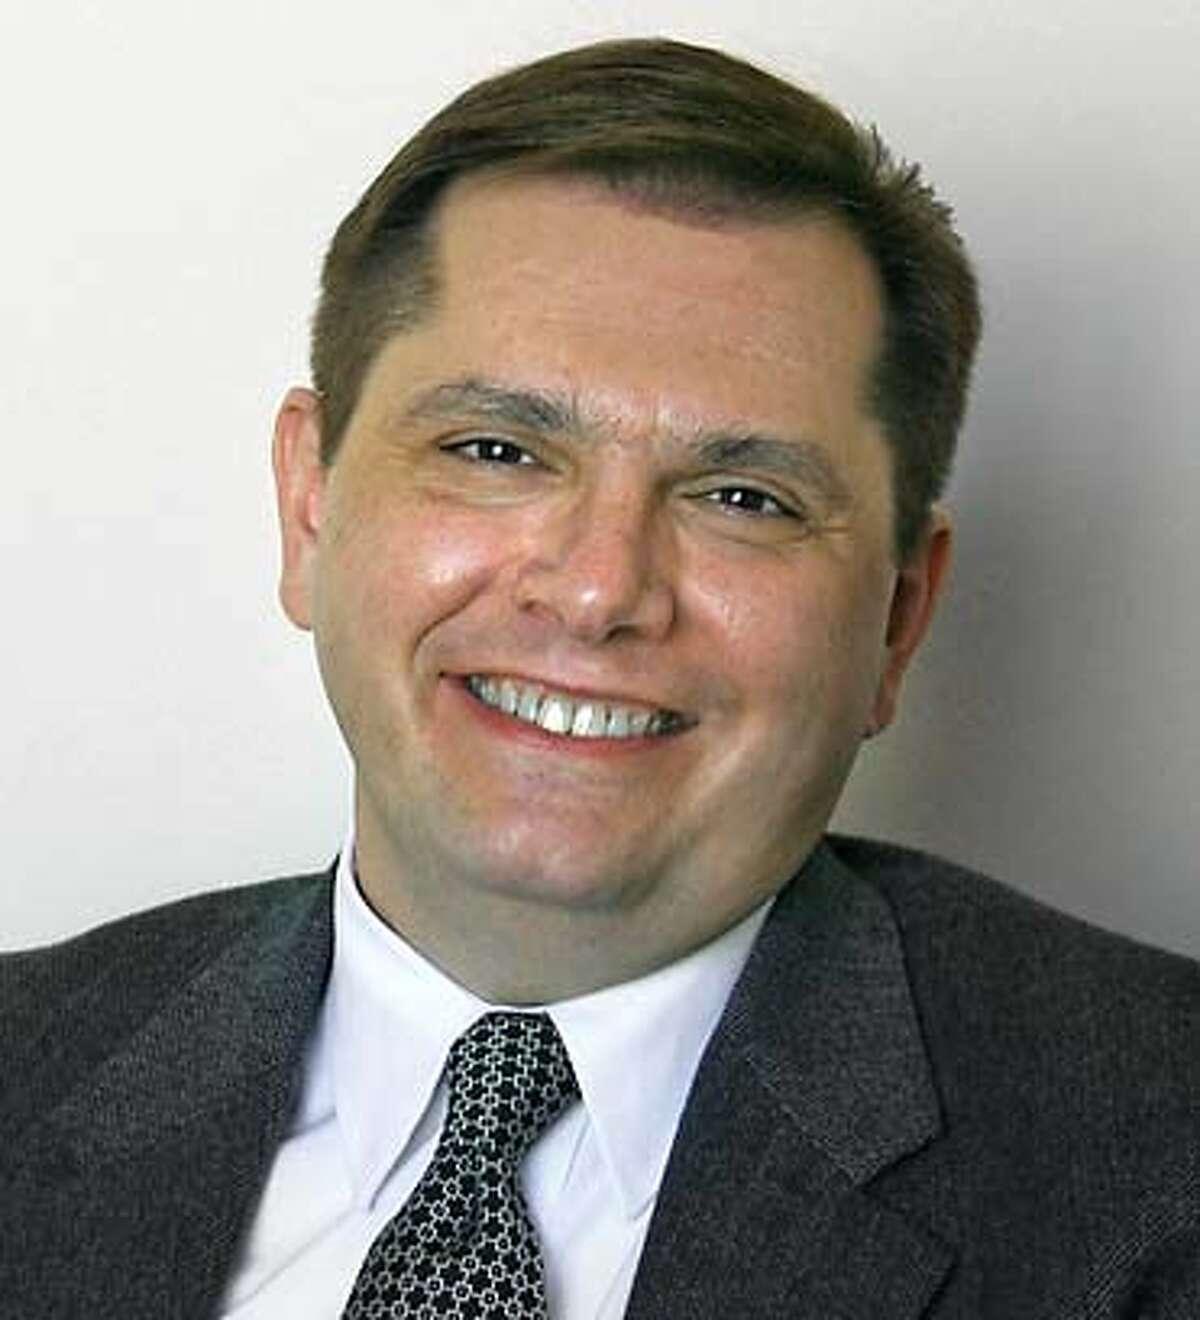 Photo of Shane Gasbarra.